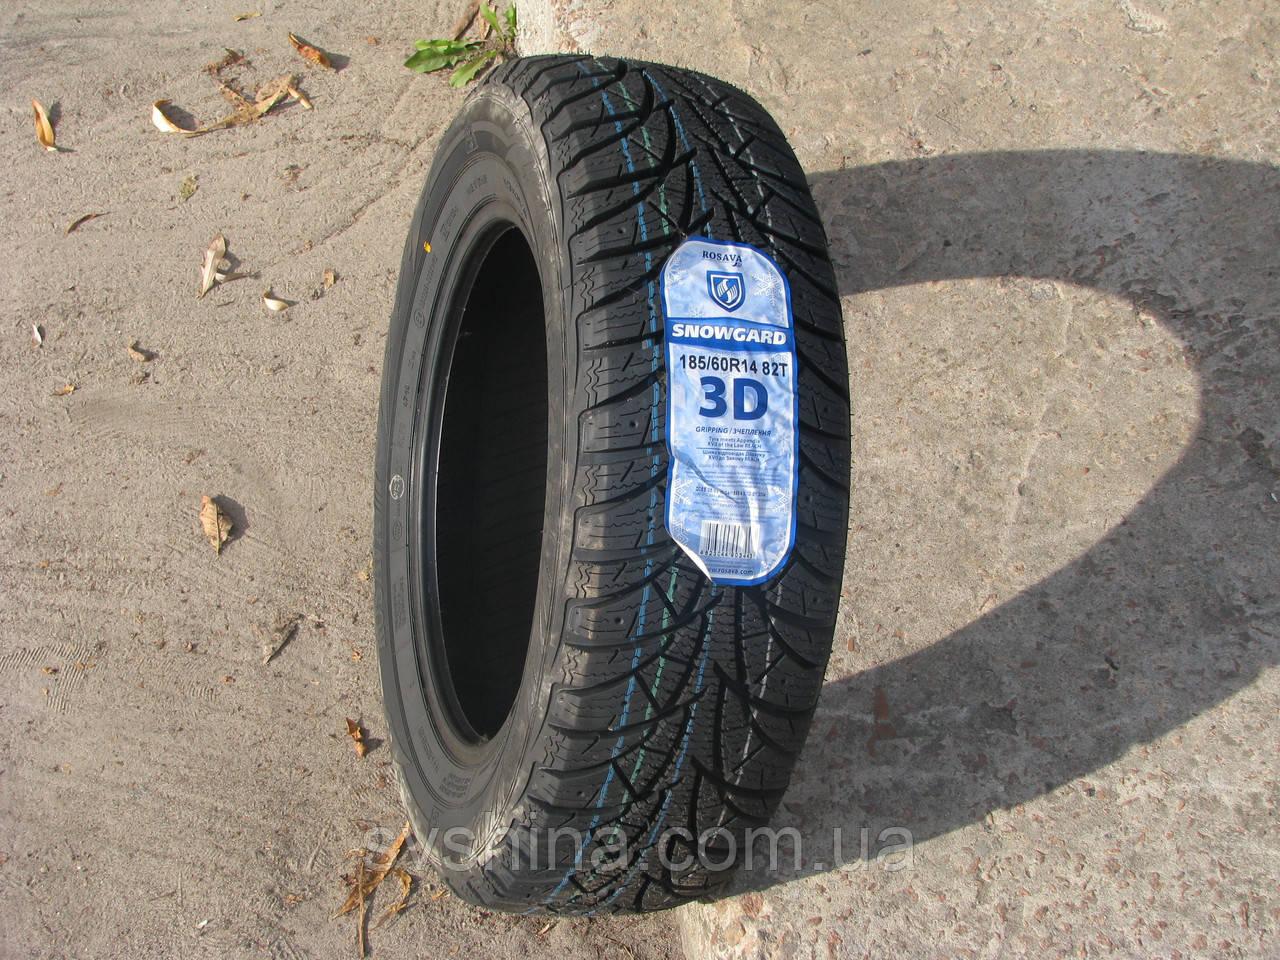 Зимние шины 185/60R14 Росава SnowGard, 82Т под шип